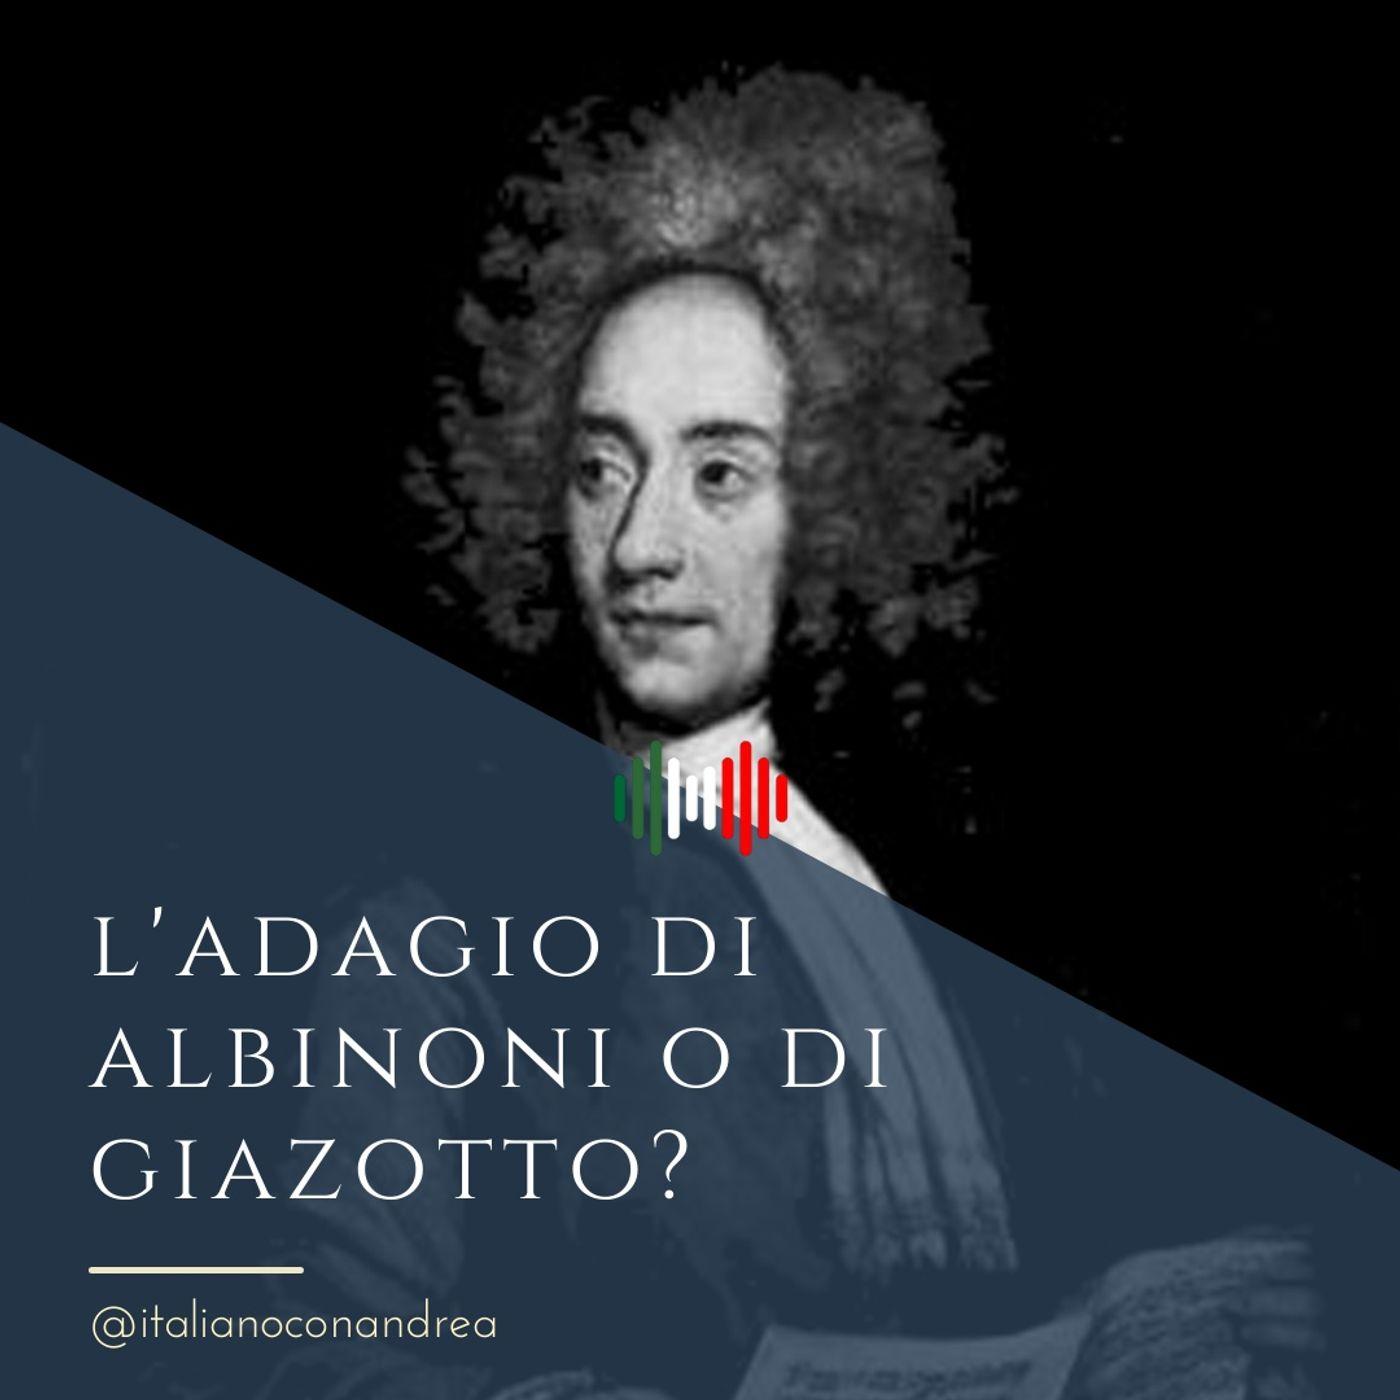 286. CULTURA: L'Adagio di Albinoni o di Giazotto?